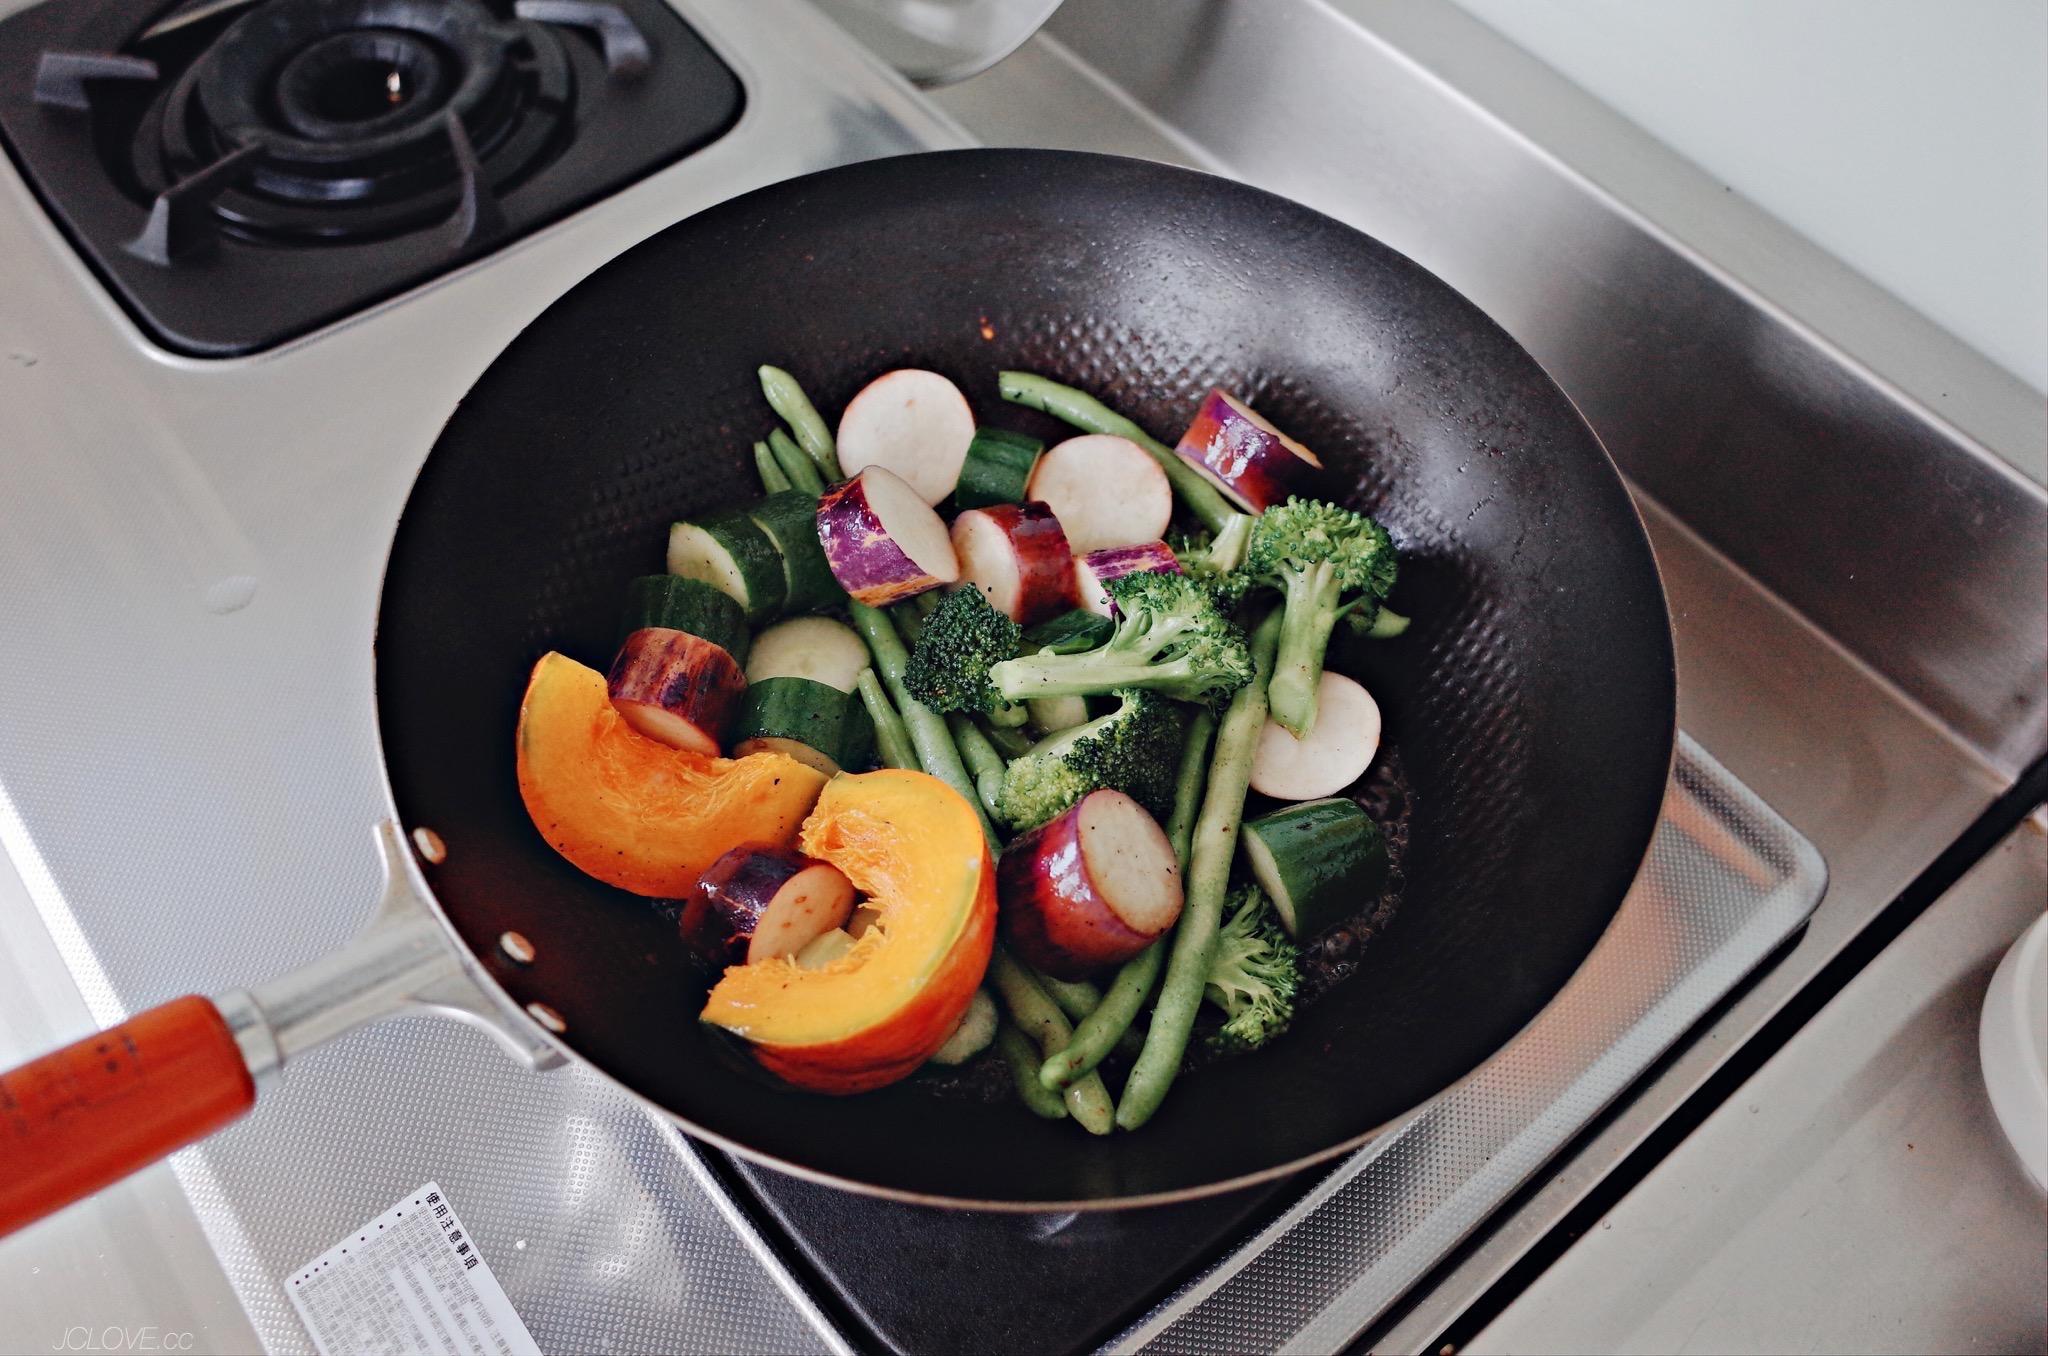 2. 椰子油炒香準備好的蔬食(南瓜、茄子、小黃瓜、四季豆、綠花椰)。